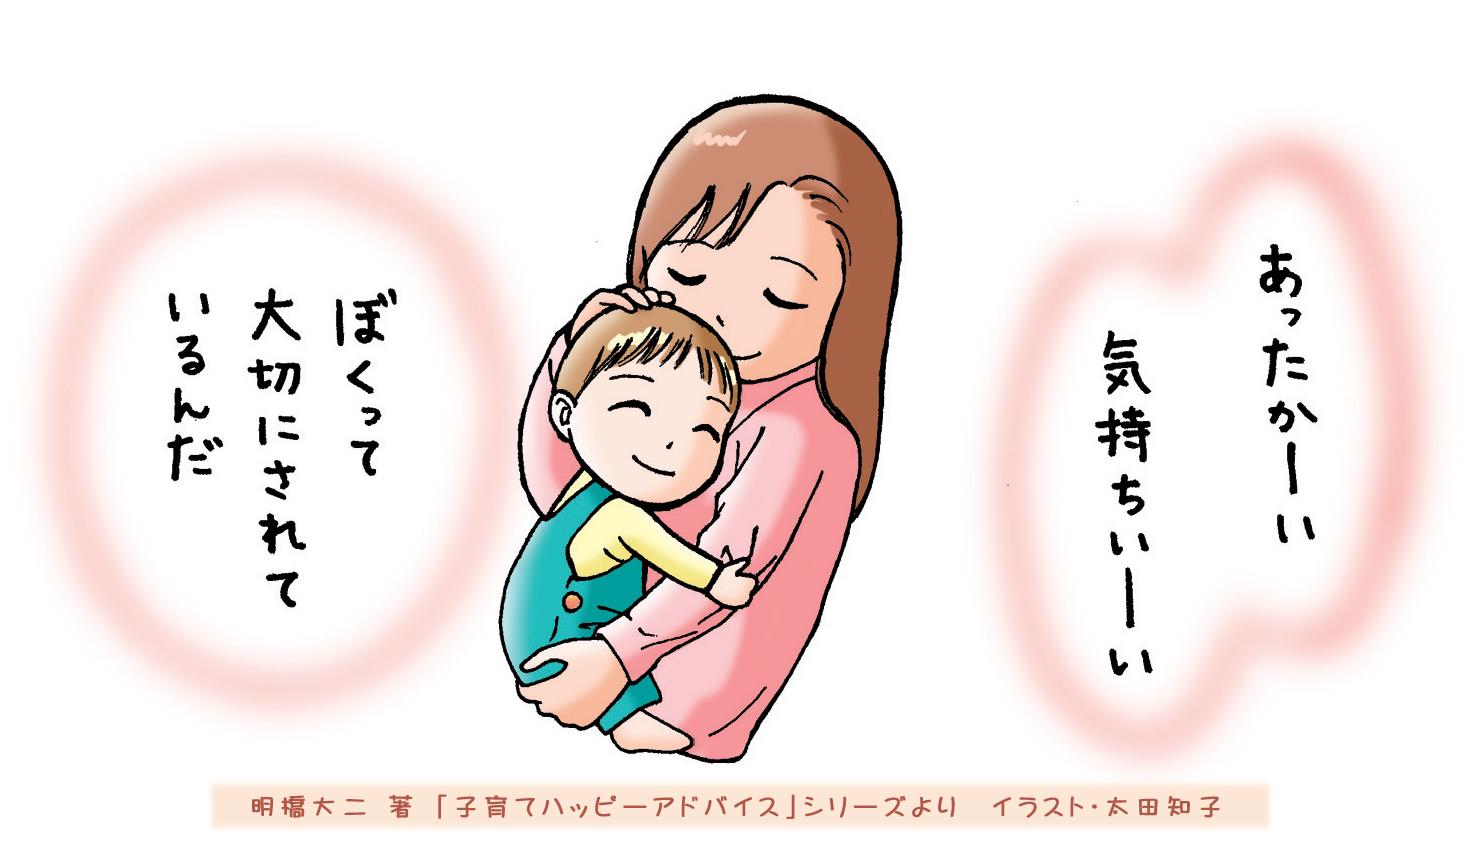 泣かせ ぱなし 赤ちゃん っ